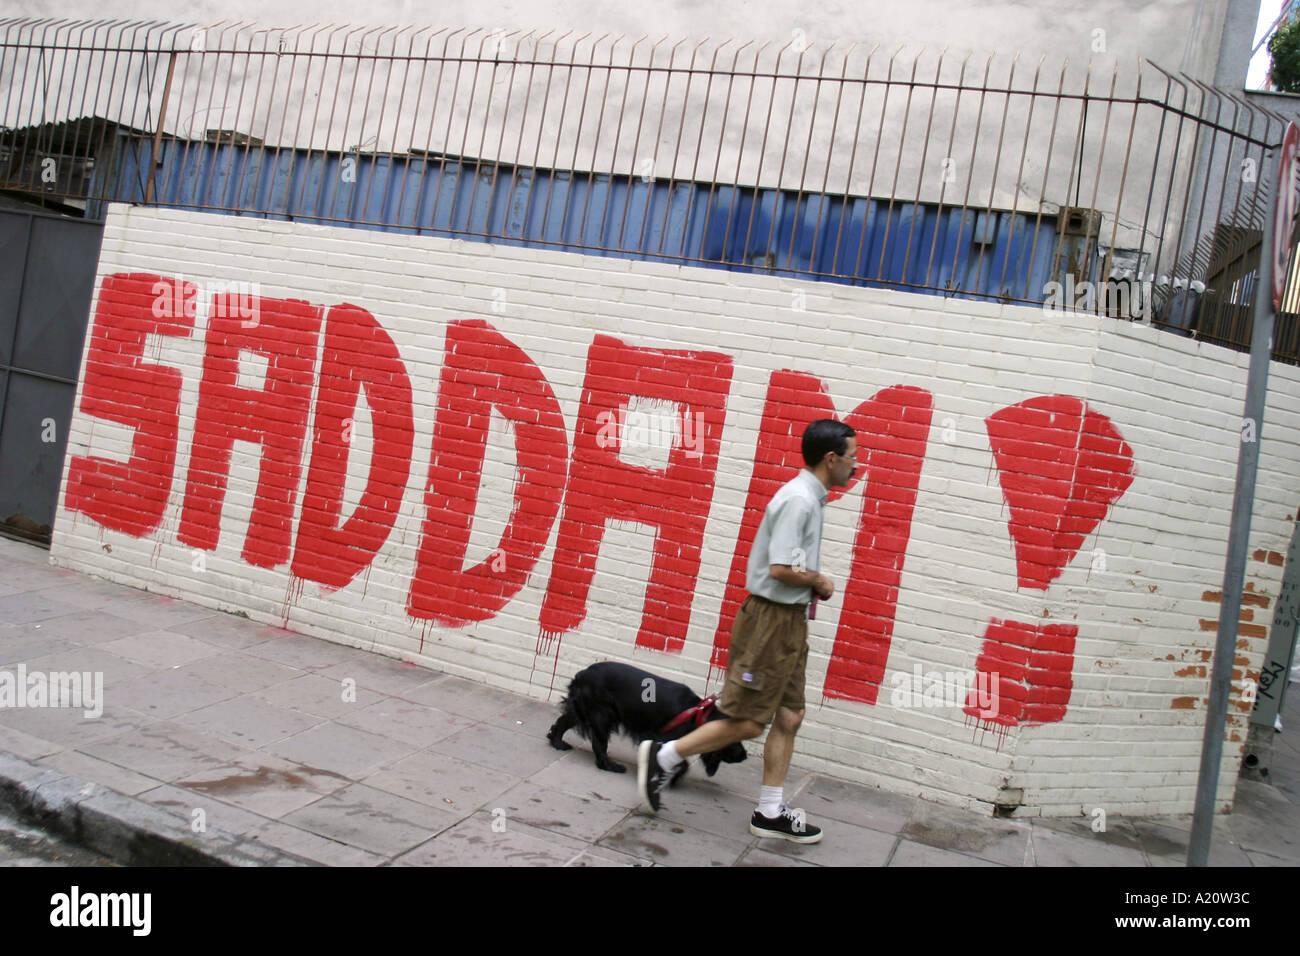 Graffiti zur unterst tzung von saddam hussein gemalt an - Abdeckung fur heizungsrohre an der wand ...